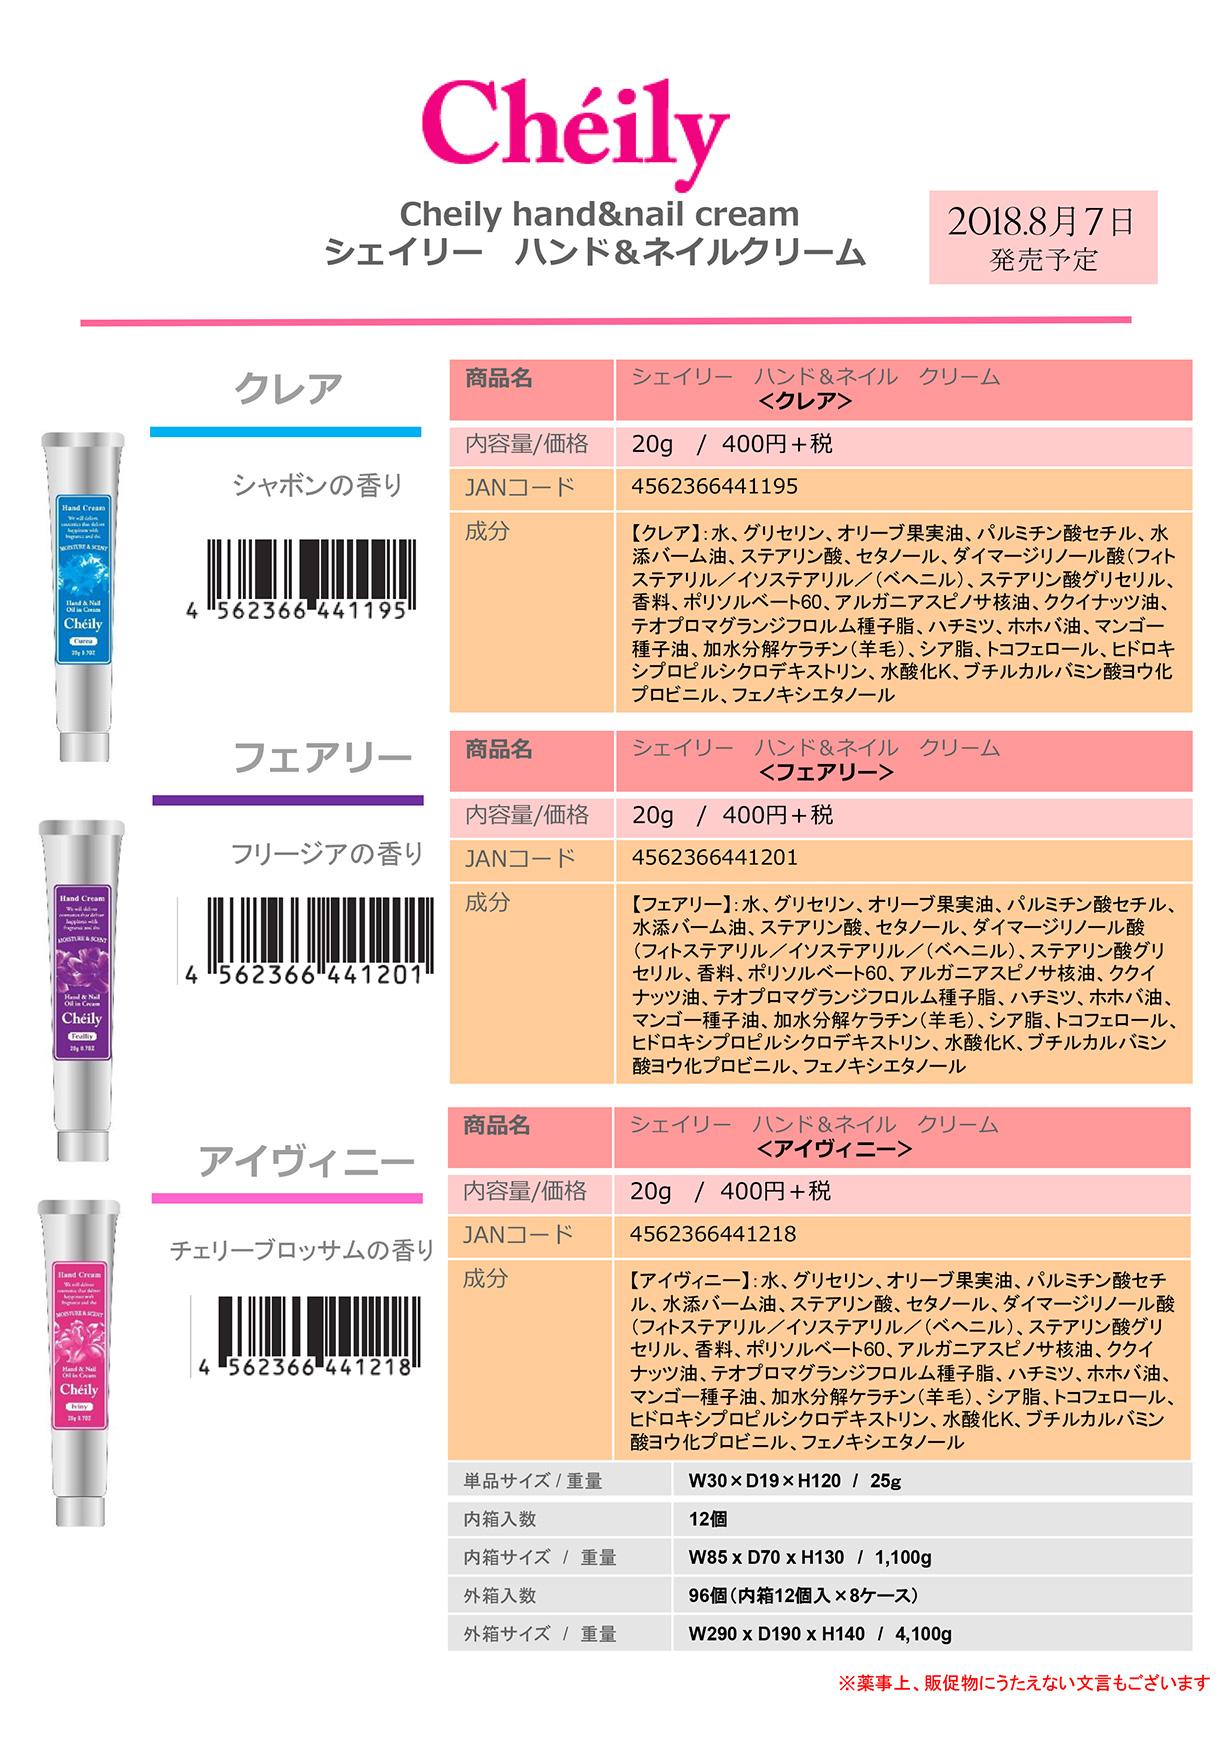 【規定書】シェイリー ハンド&ネイルクリーム(3)